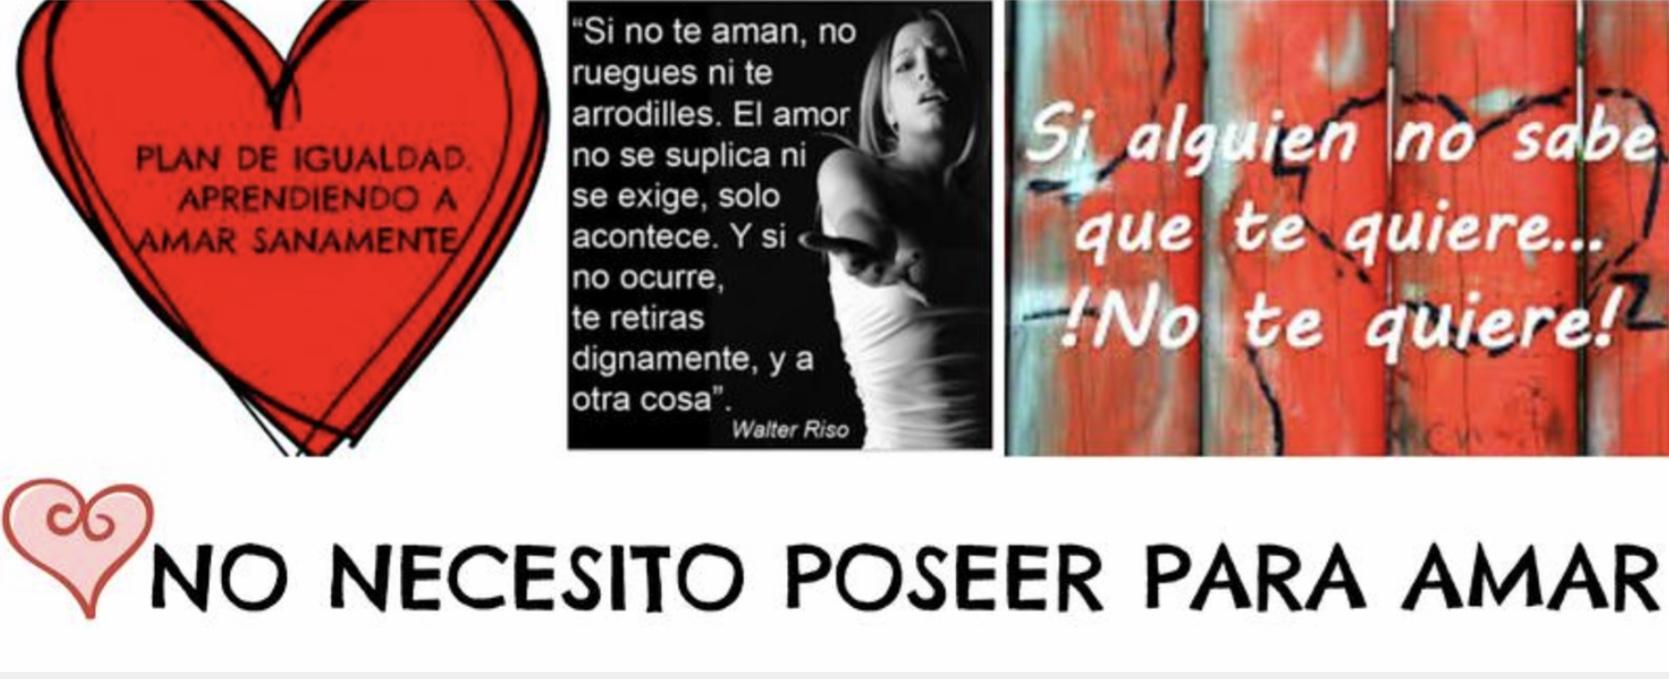 cartel campaña el amor en positivo